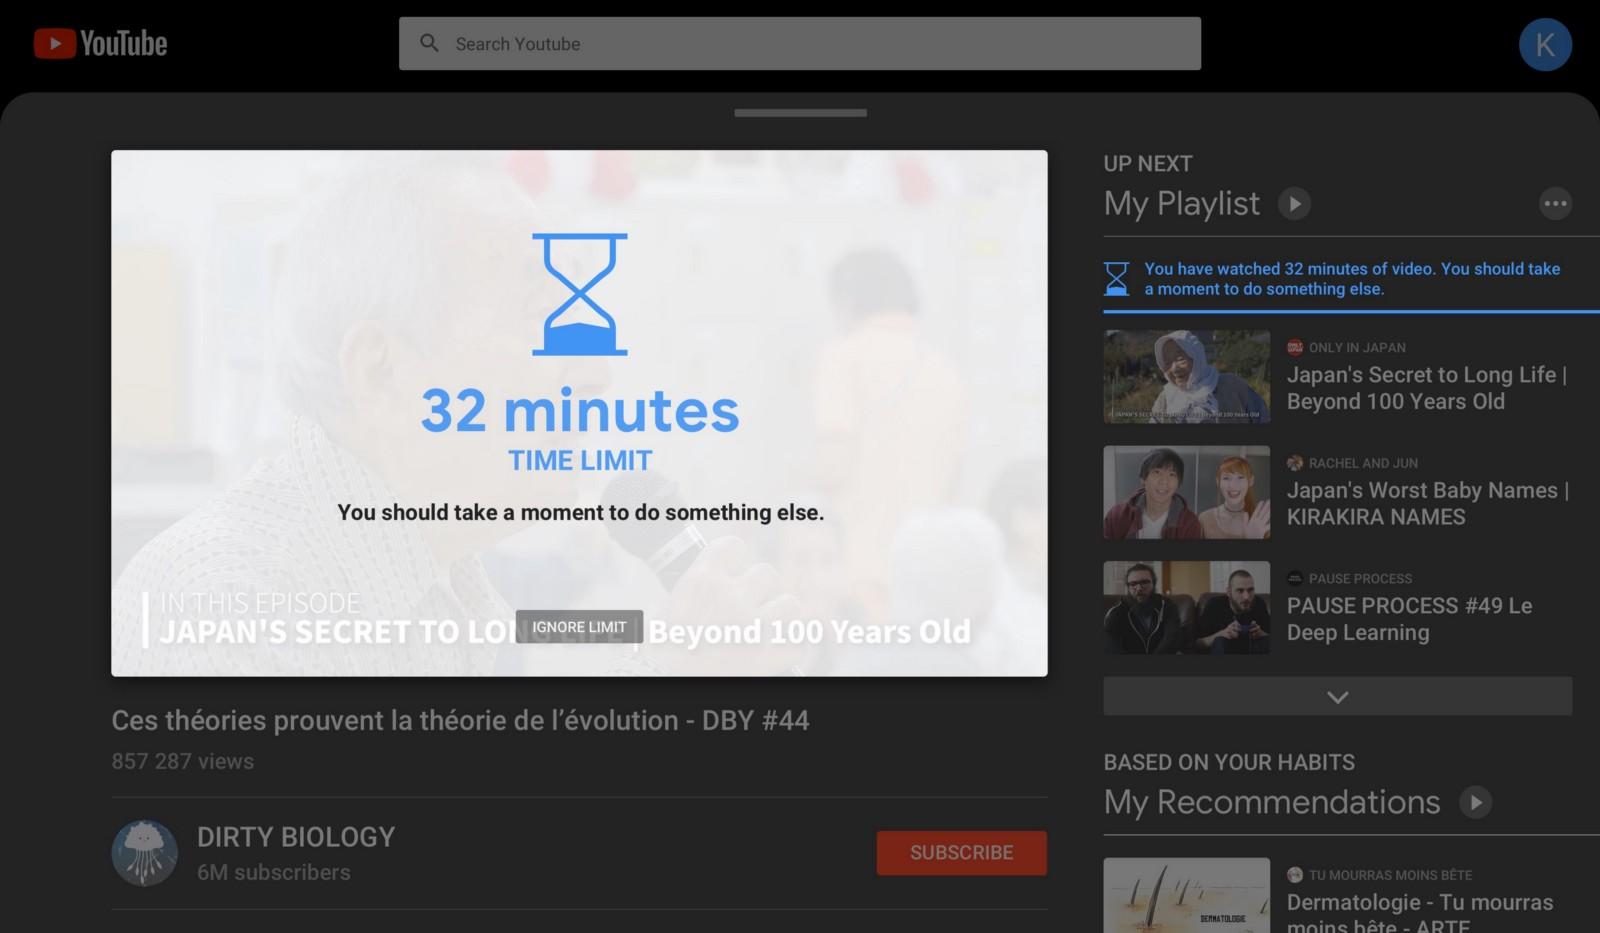 Дизайн привычных вещей: как улучшить интерфейс на примере YouTube - 8